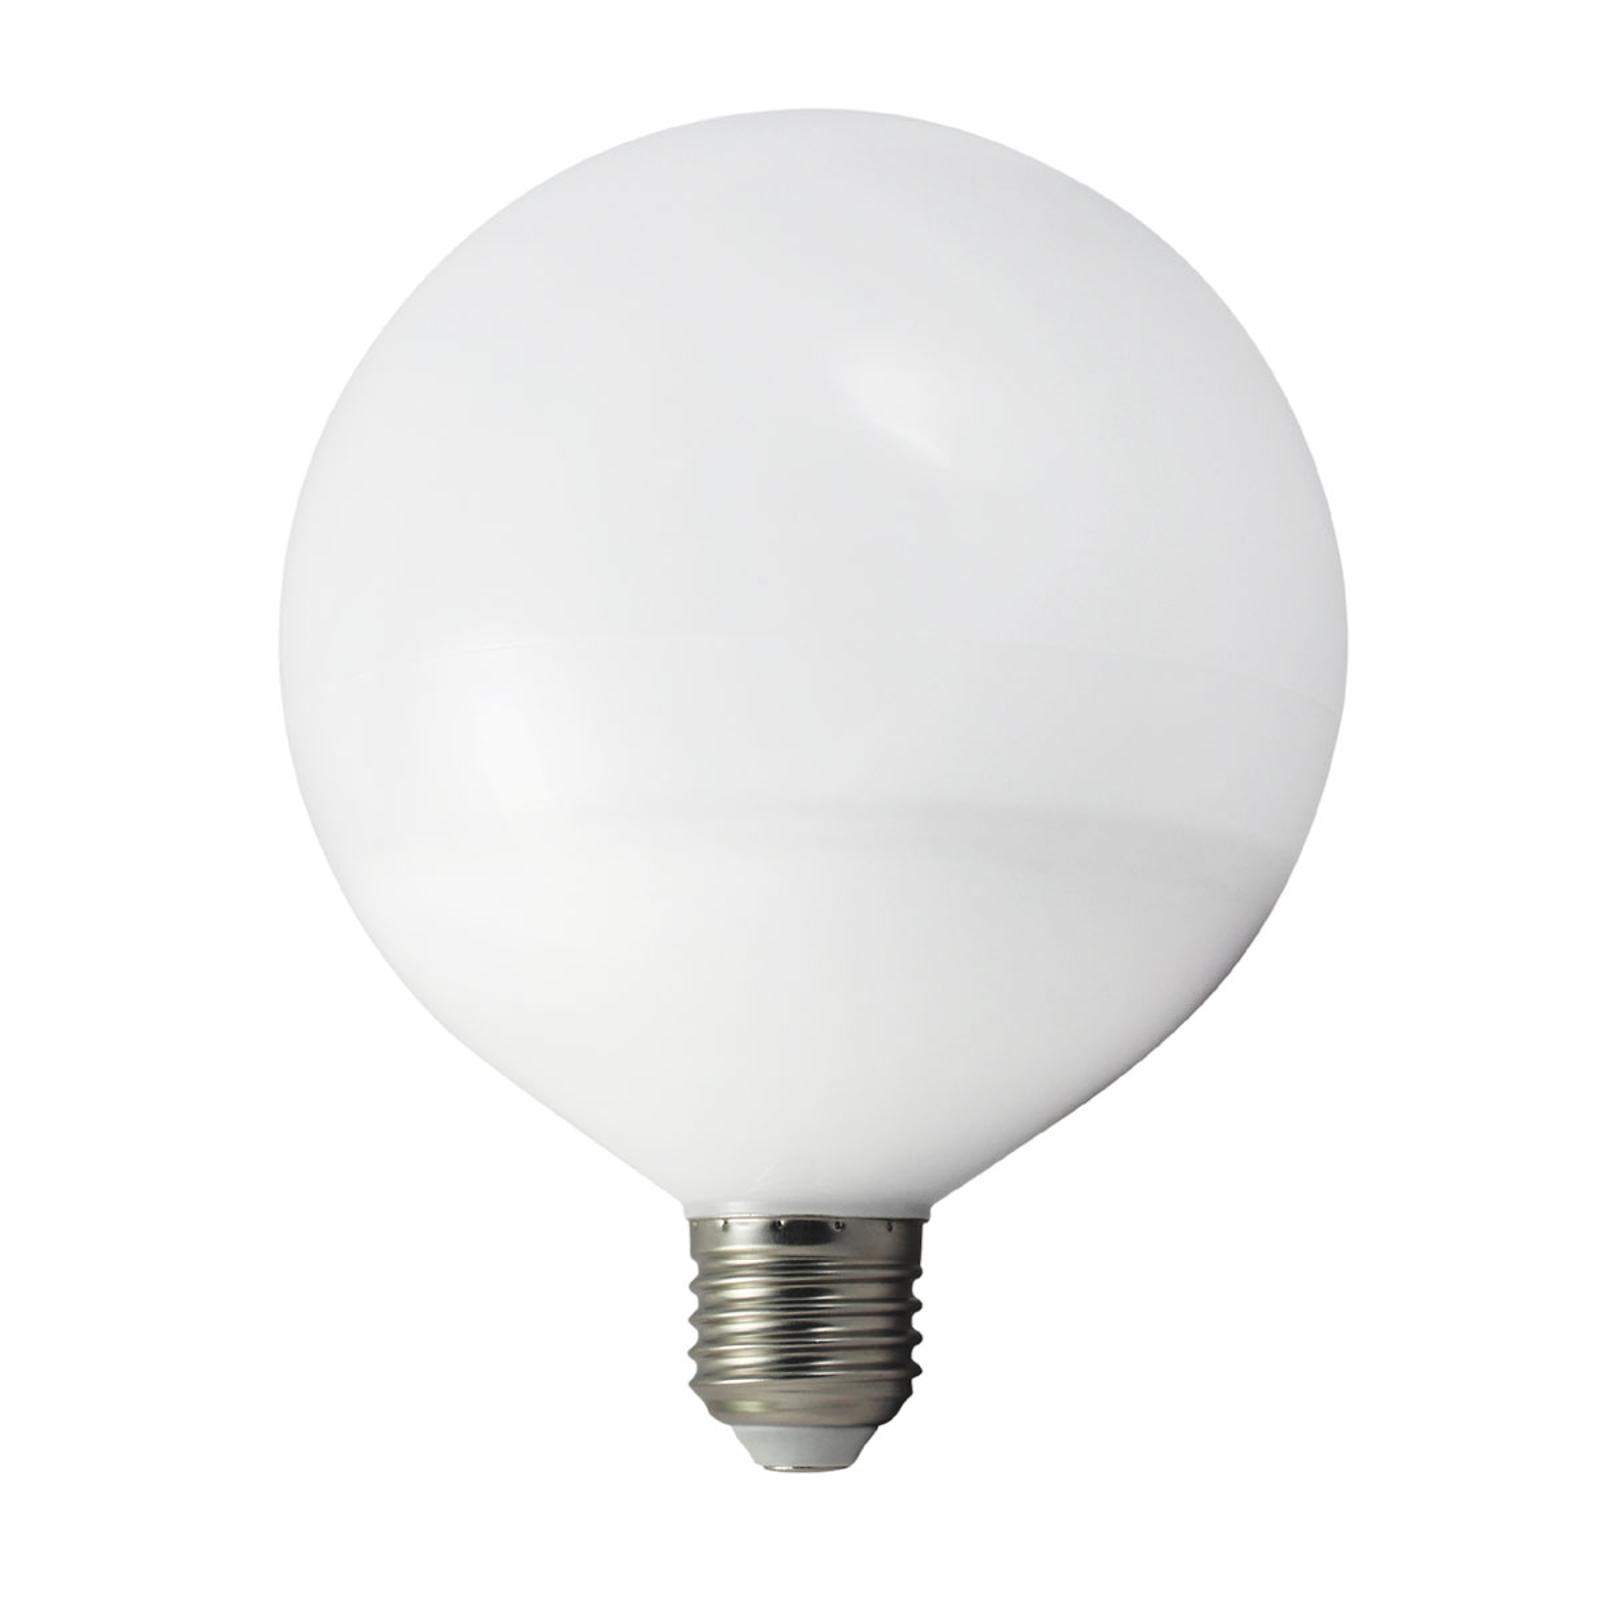 E27 15W 827 LED bulb globe, warm white_2515036_1